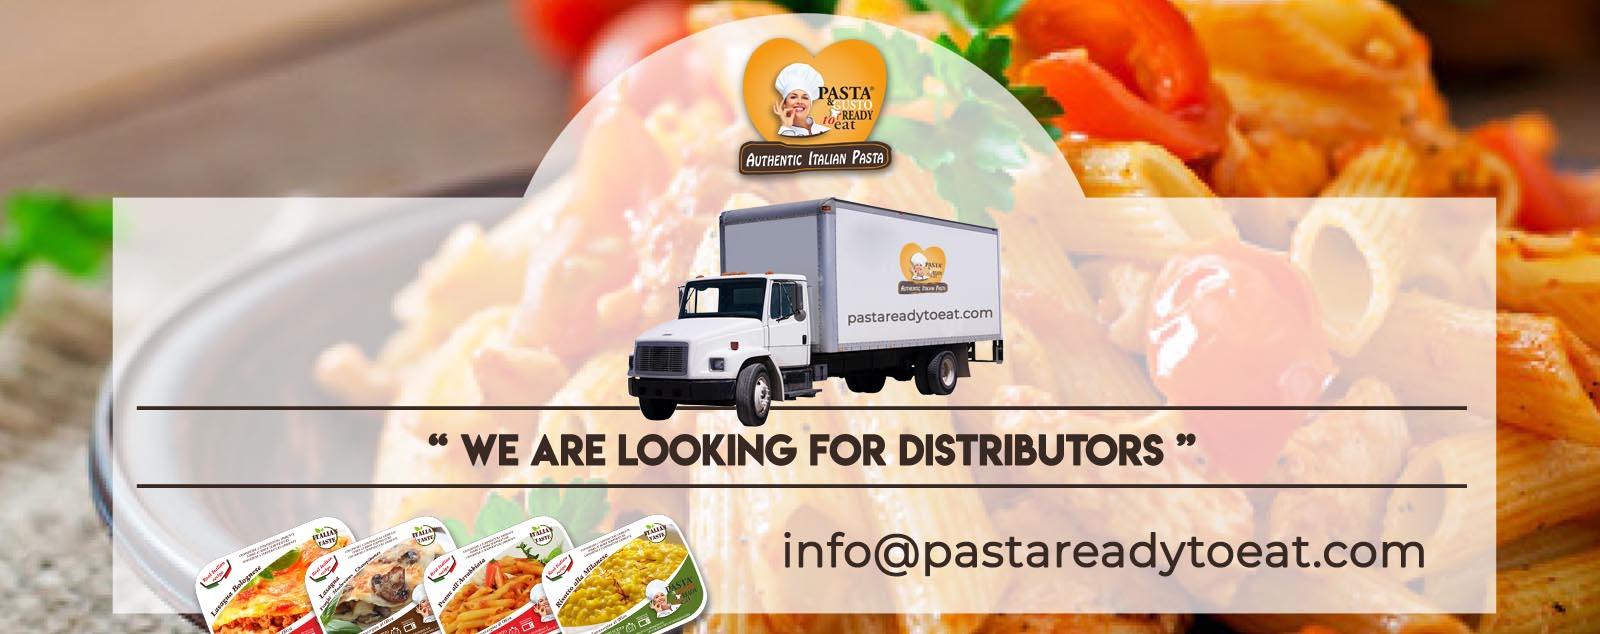 Cerchiamo distributori di alimentari per proporre la nostra linea di Piatti Pronti Fuori Frigo, aumenta il tuo business, diventando parte integrante della nostra struttura.